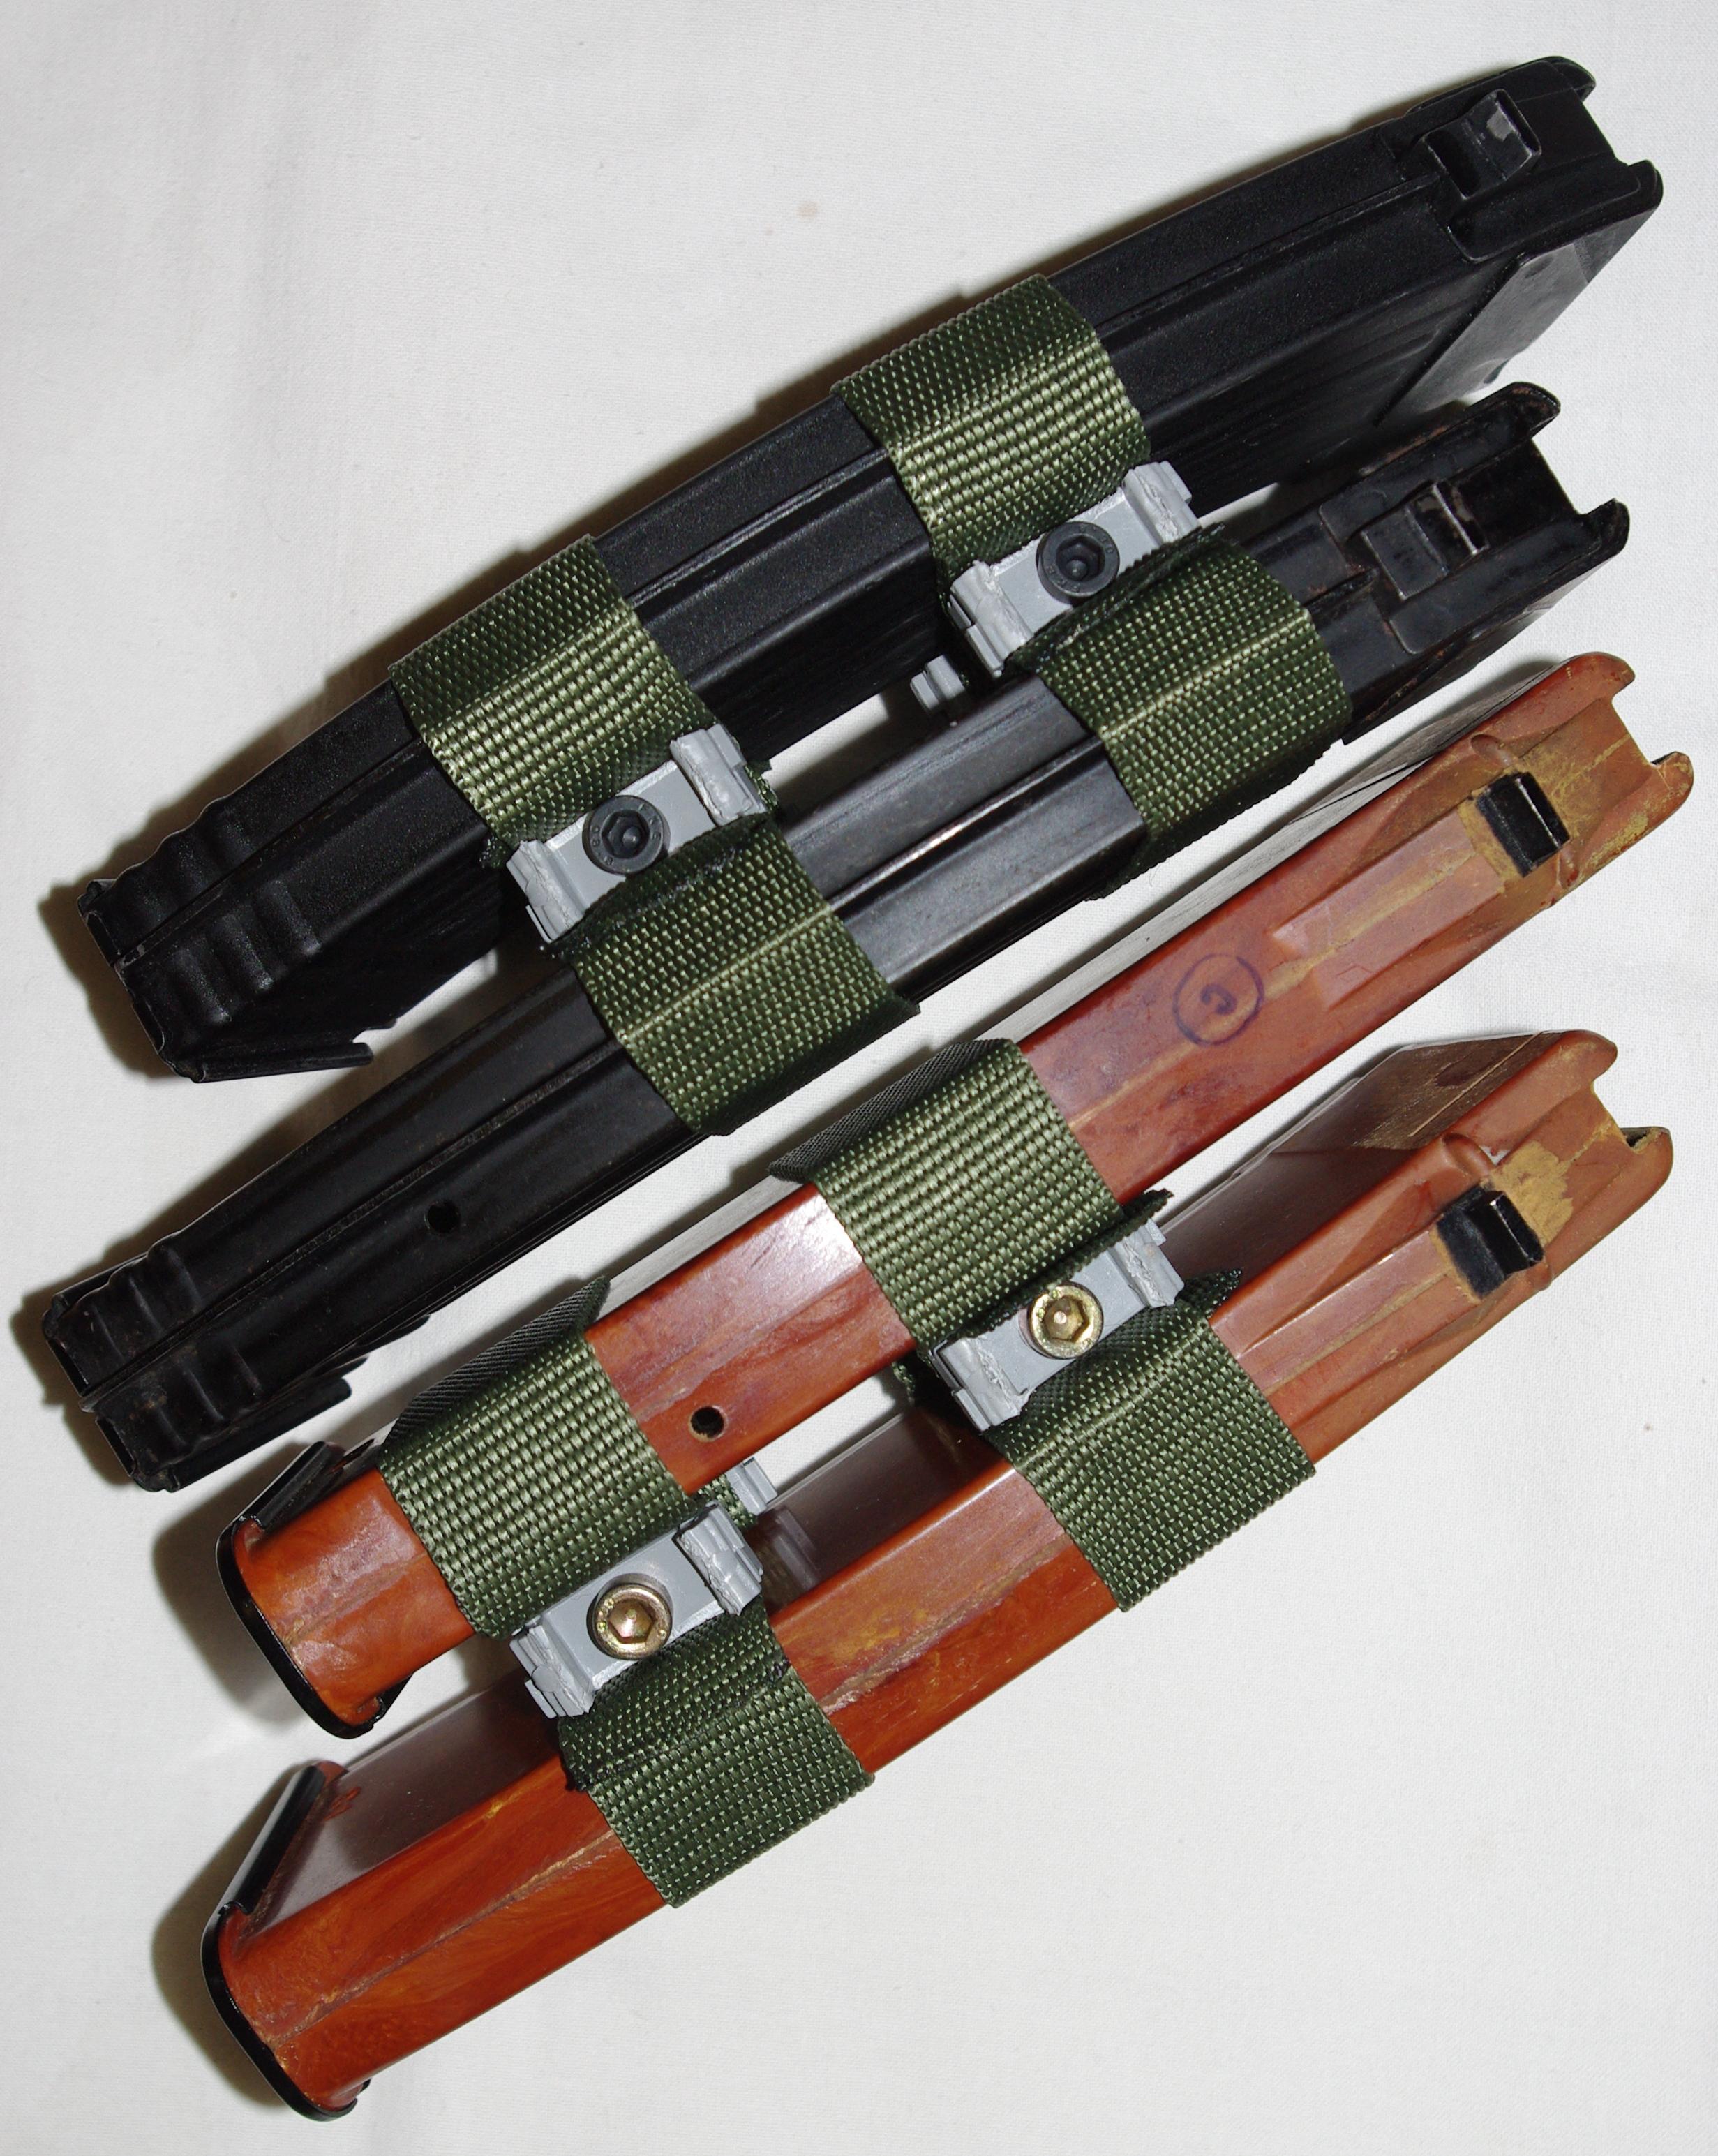 Продам спарки для магазинов АК-74, РПК-74, АКМ, РПК